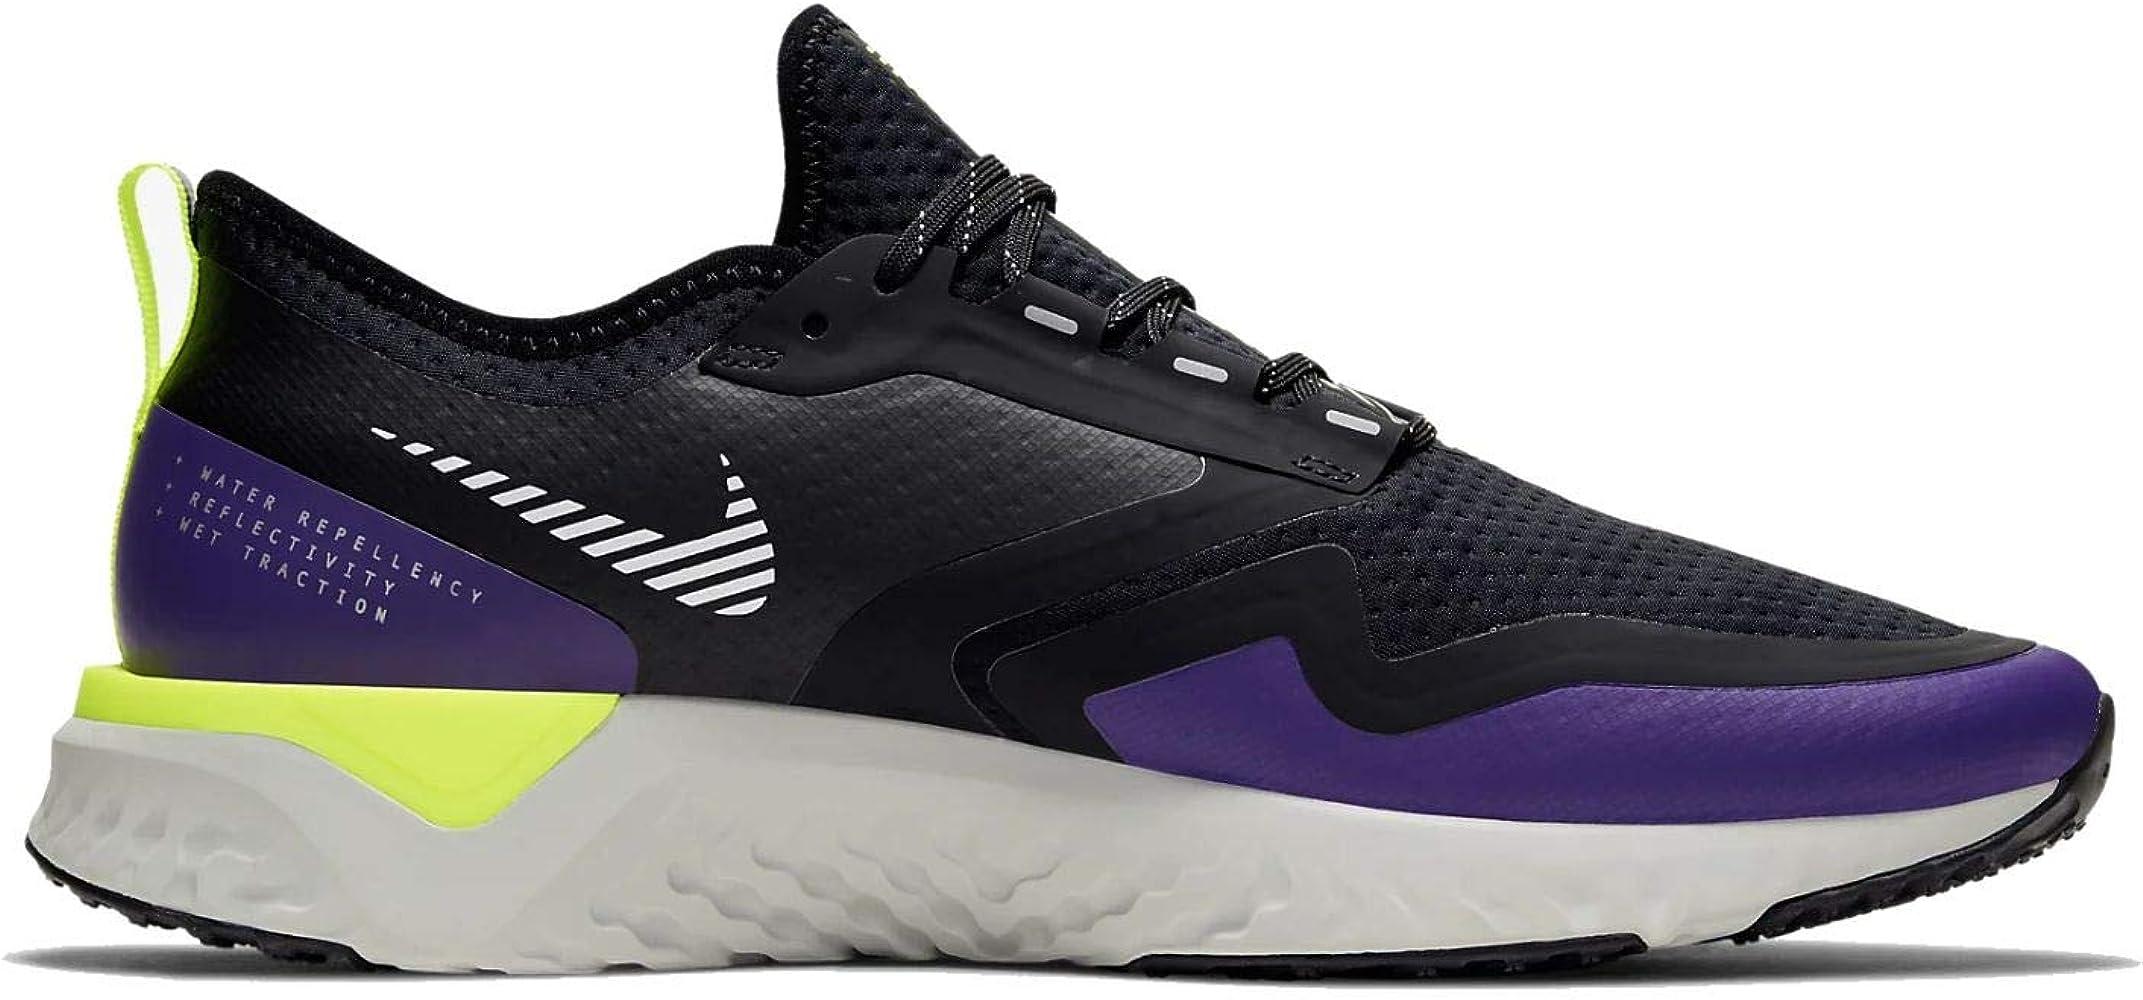 Nike Odyssey React 2 S, Zapatillas de Correr por Carretera. para Hombre, Voltage Negro metálico Plateado, 42 EU: Amazon.es: Zapatos y complementos